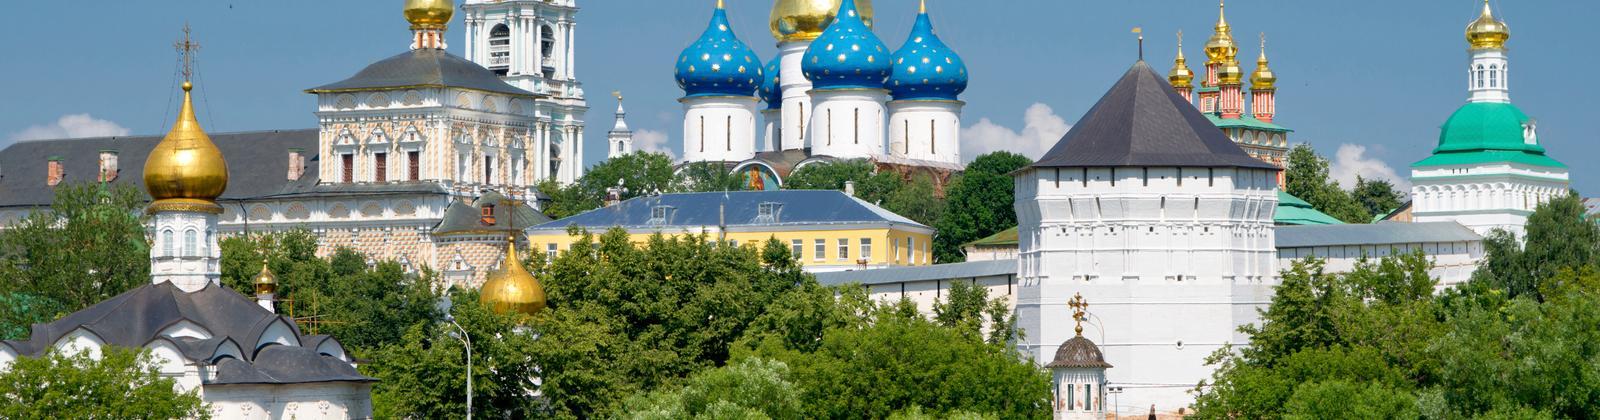 Лучшие достопримечательности Золотого кольца России